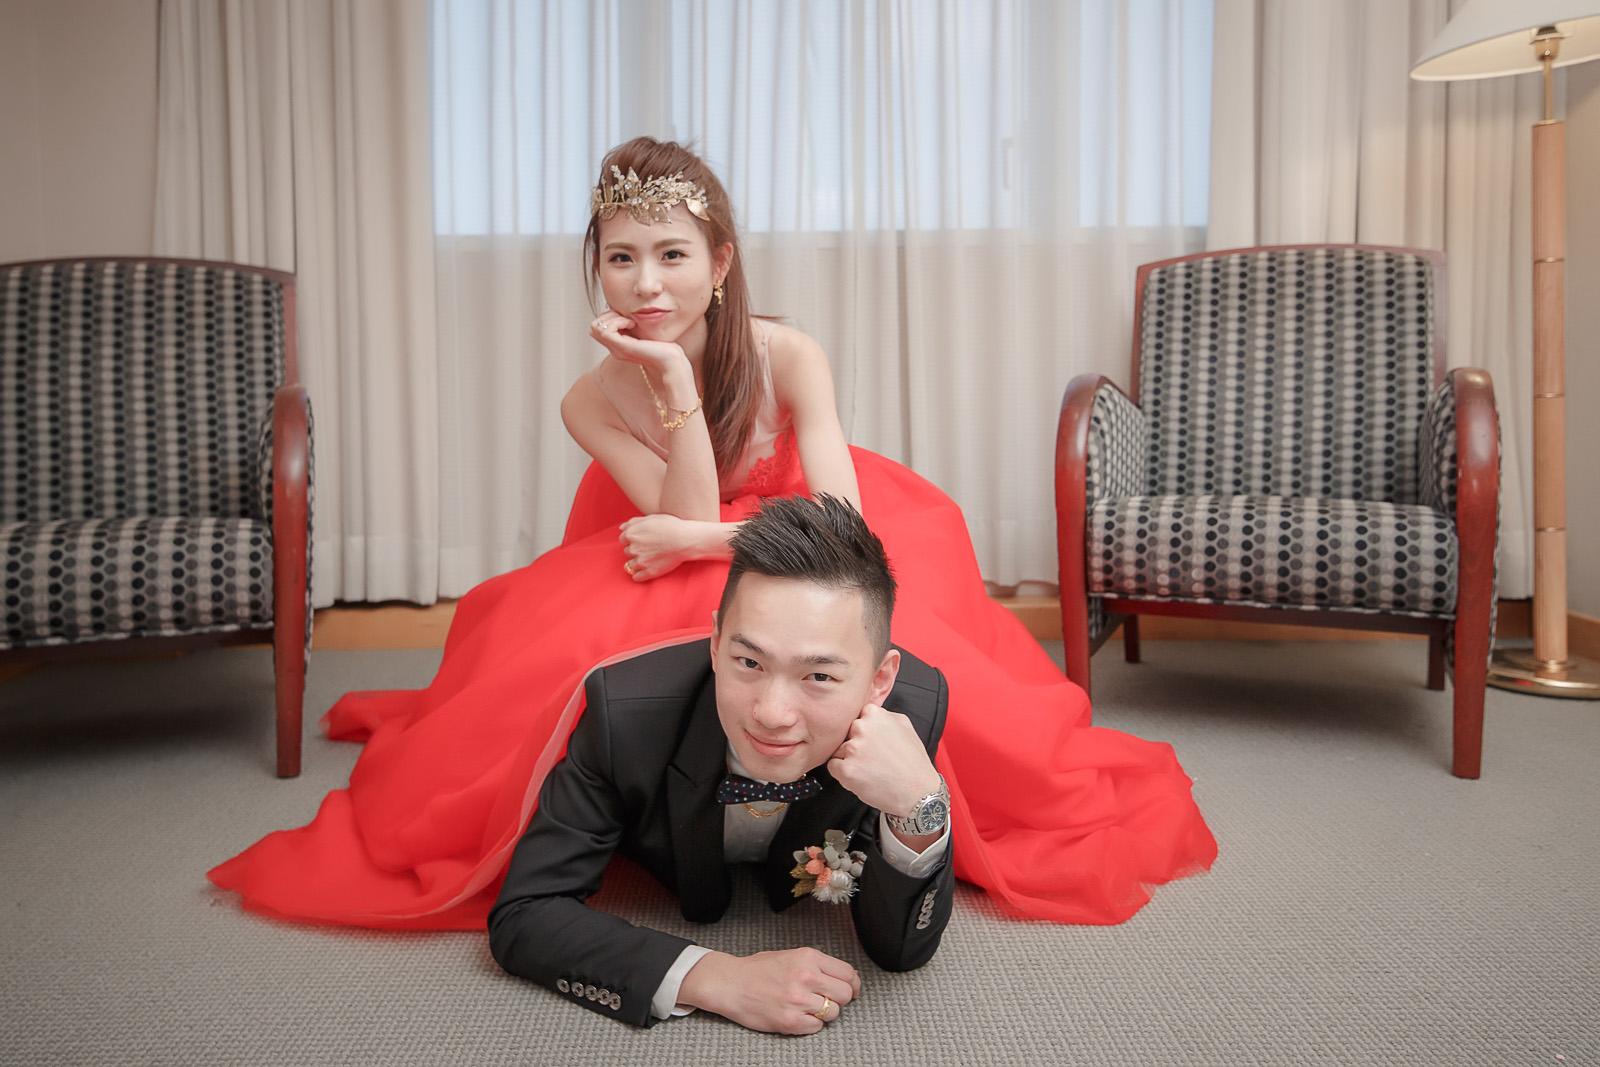 高雄圓山飯店,婚禮攝影,婚攝,高雄婚攝,優質婚攝推薦,Jen&Ethan-064